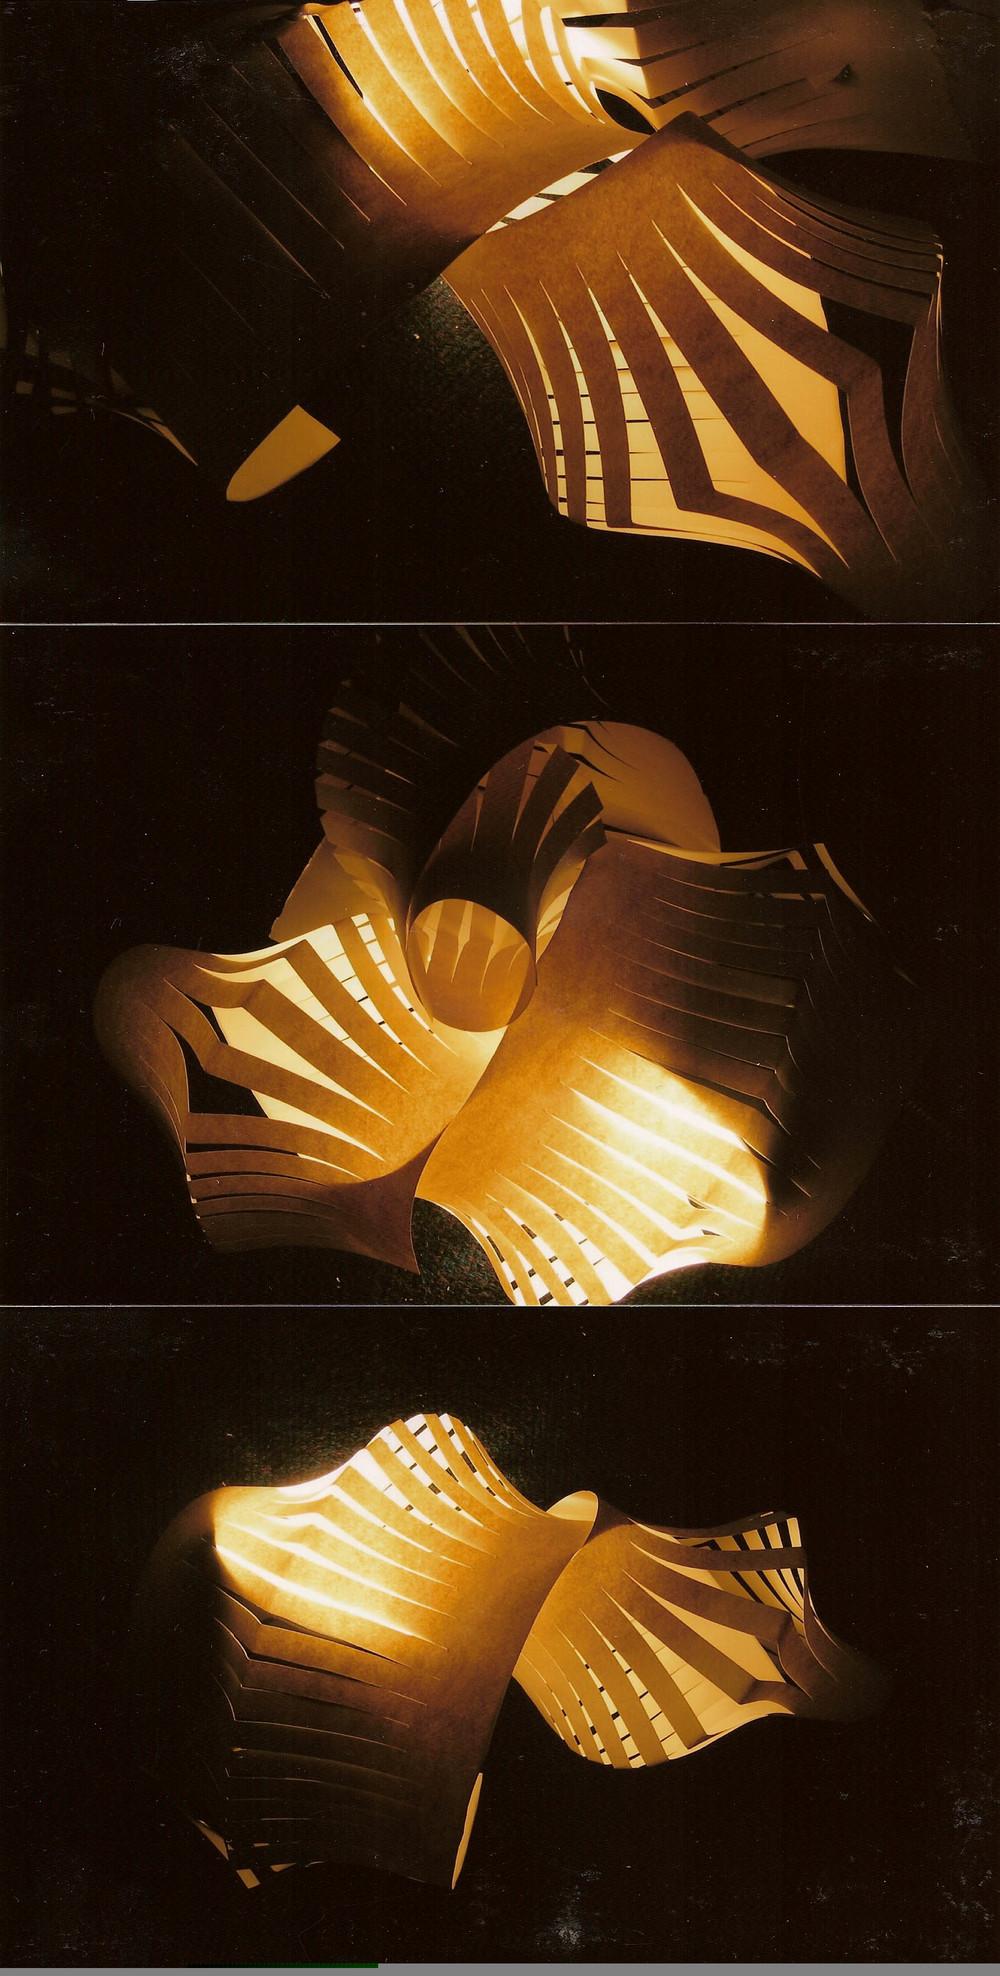 lamps8.jpg